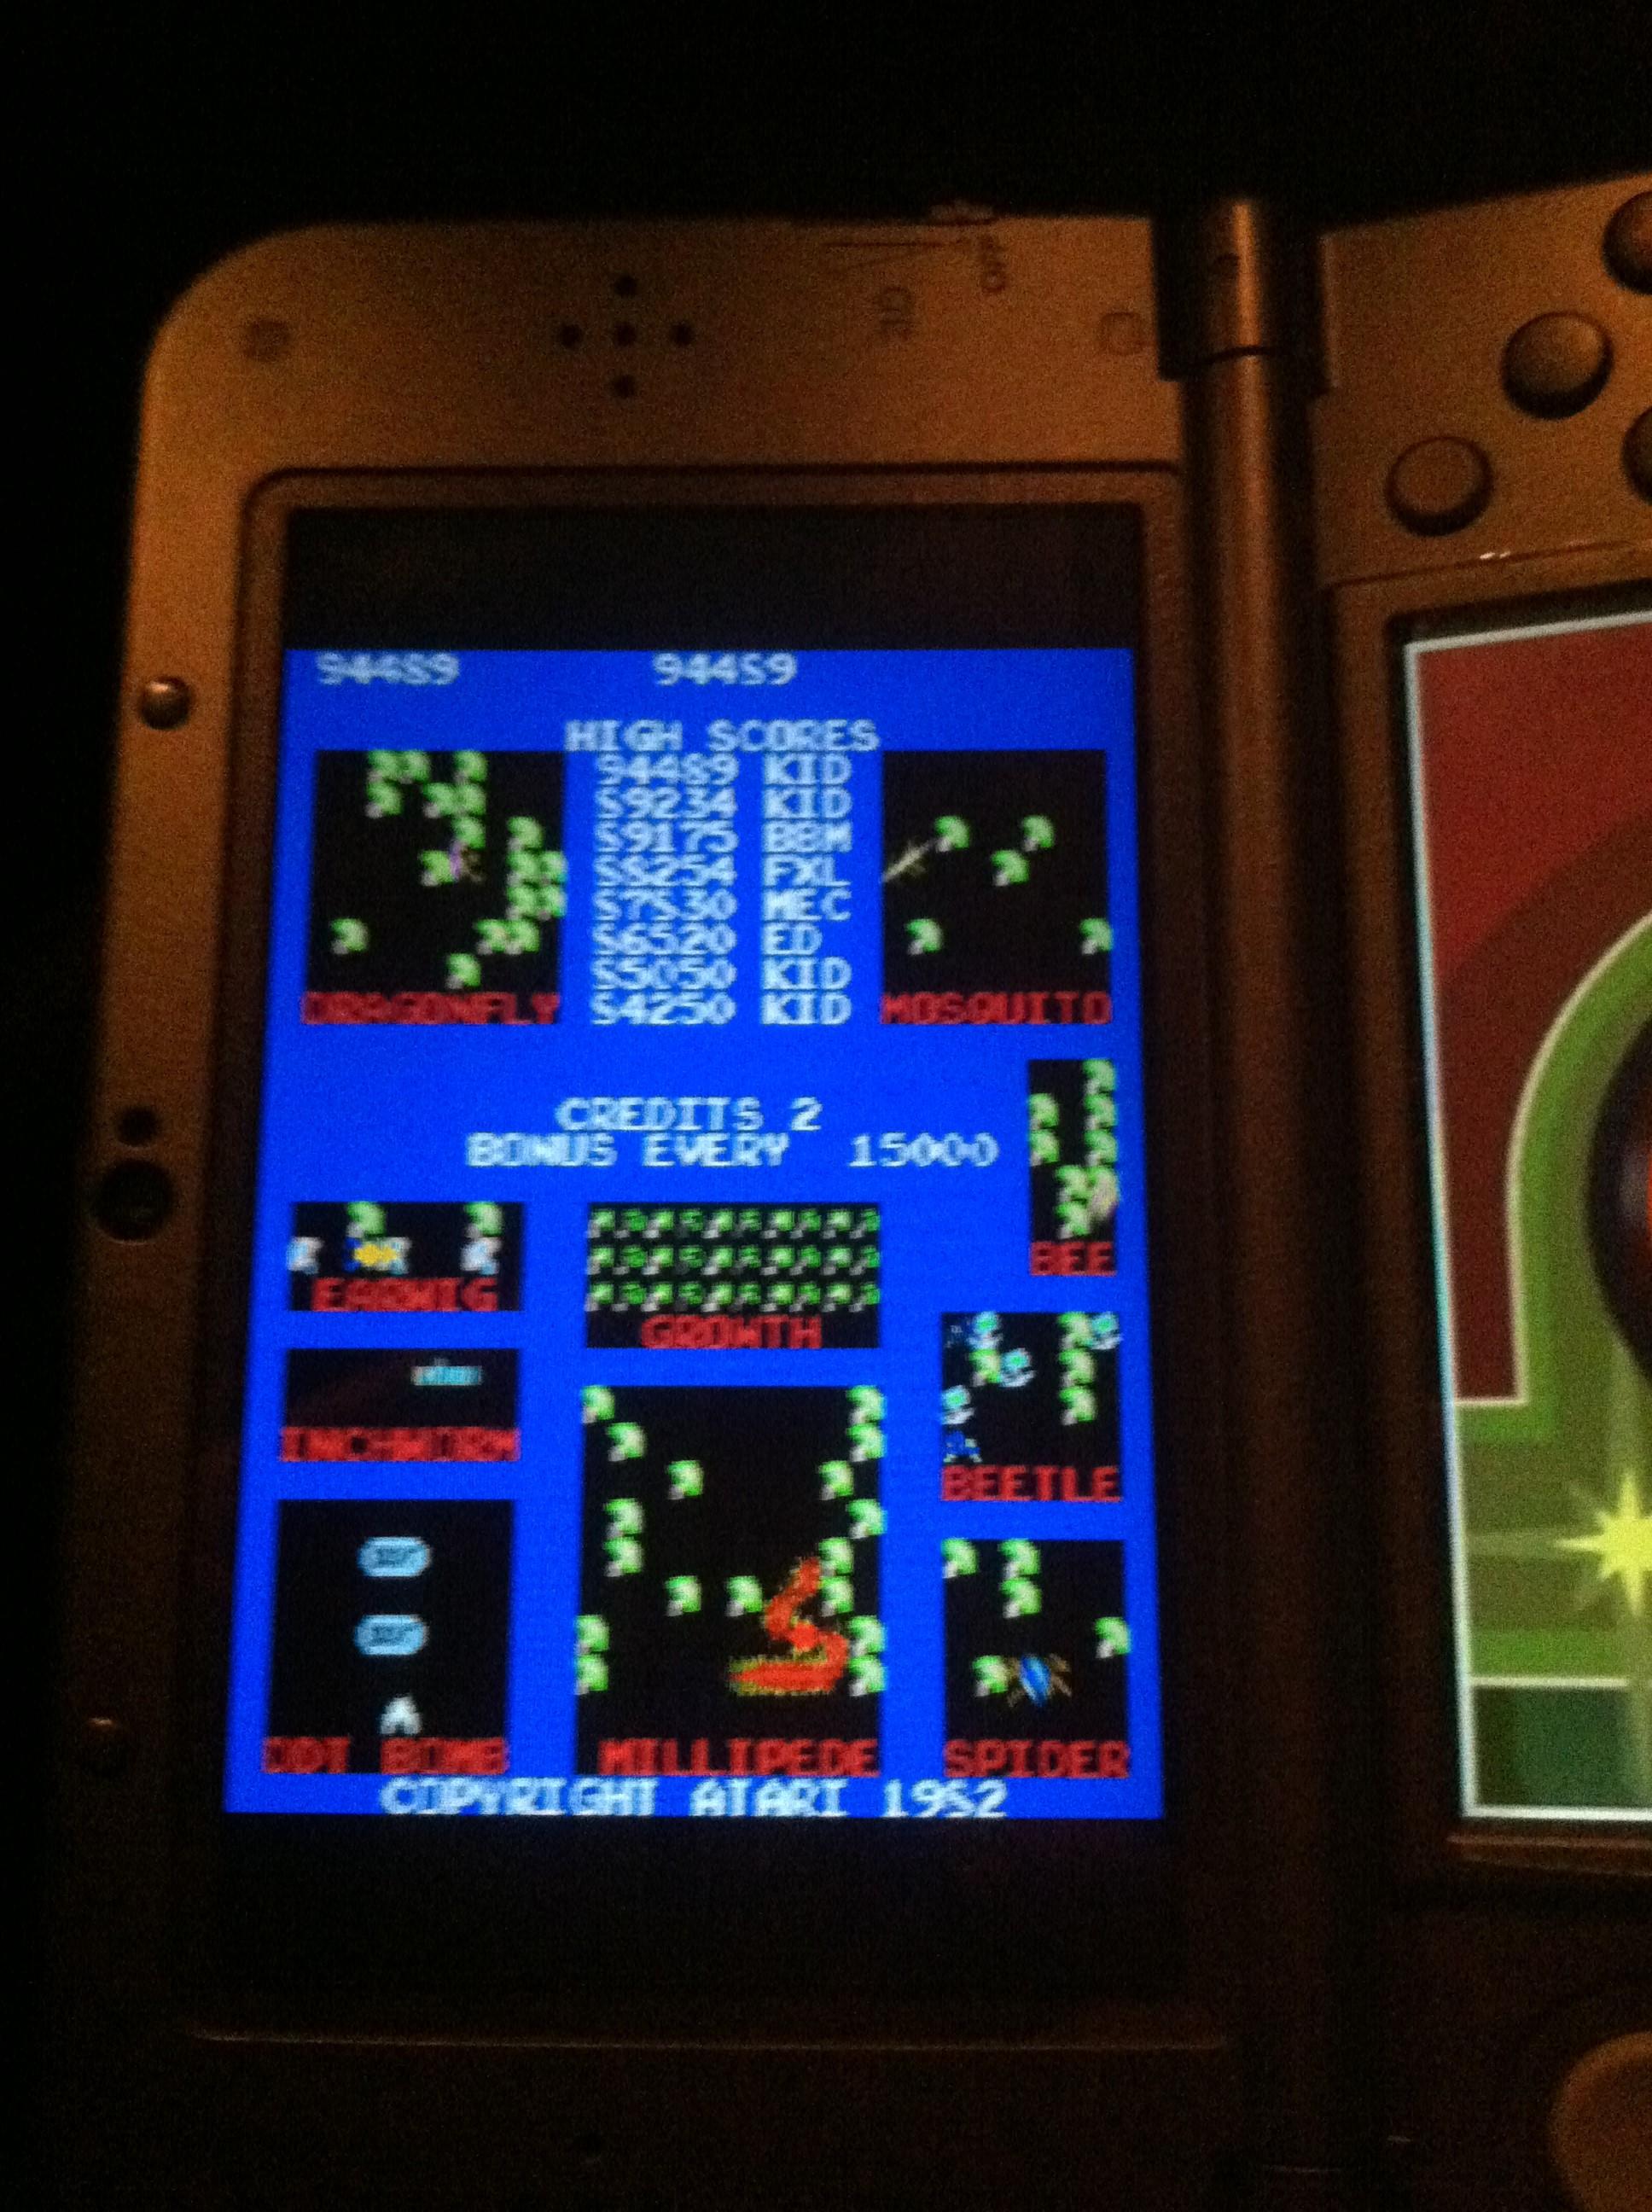 DakotaKid: Atari Greatest Hits: Volume 2: Millipede [Arcade] (Nintendo DS) 94,489 points on 2019-02-22 22:48:40